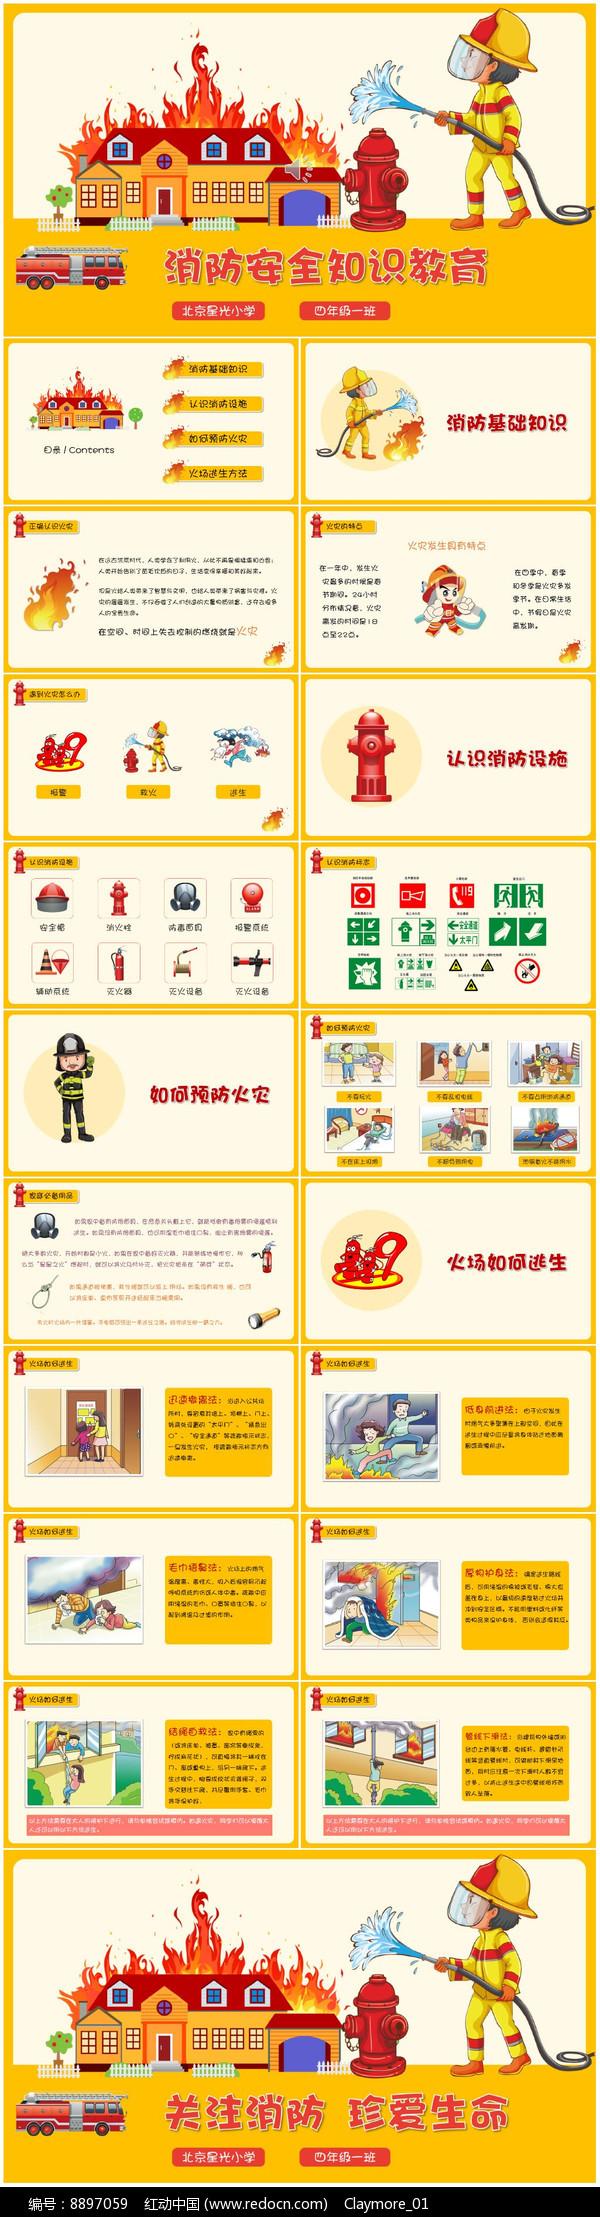 校园消防安全知识教育PPT图片